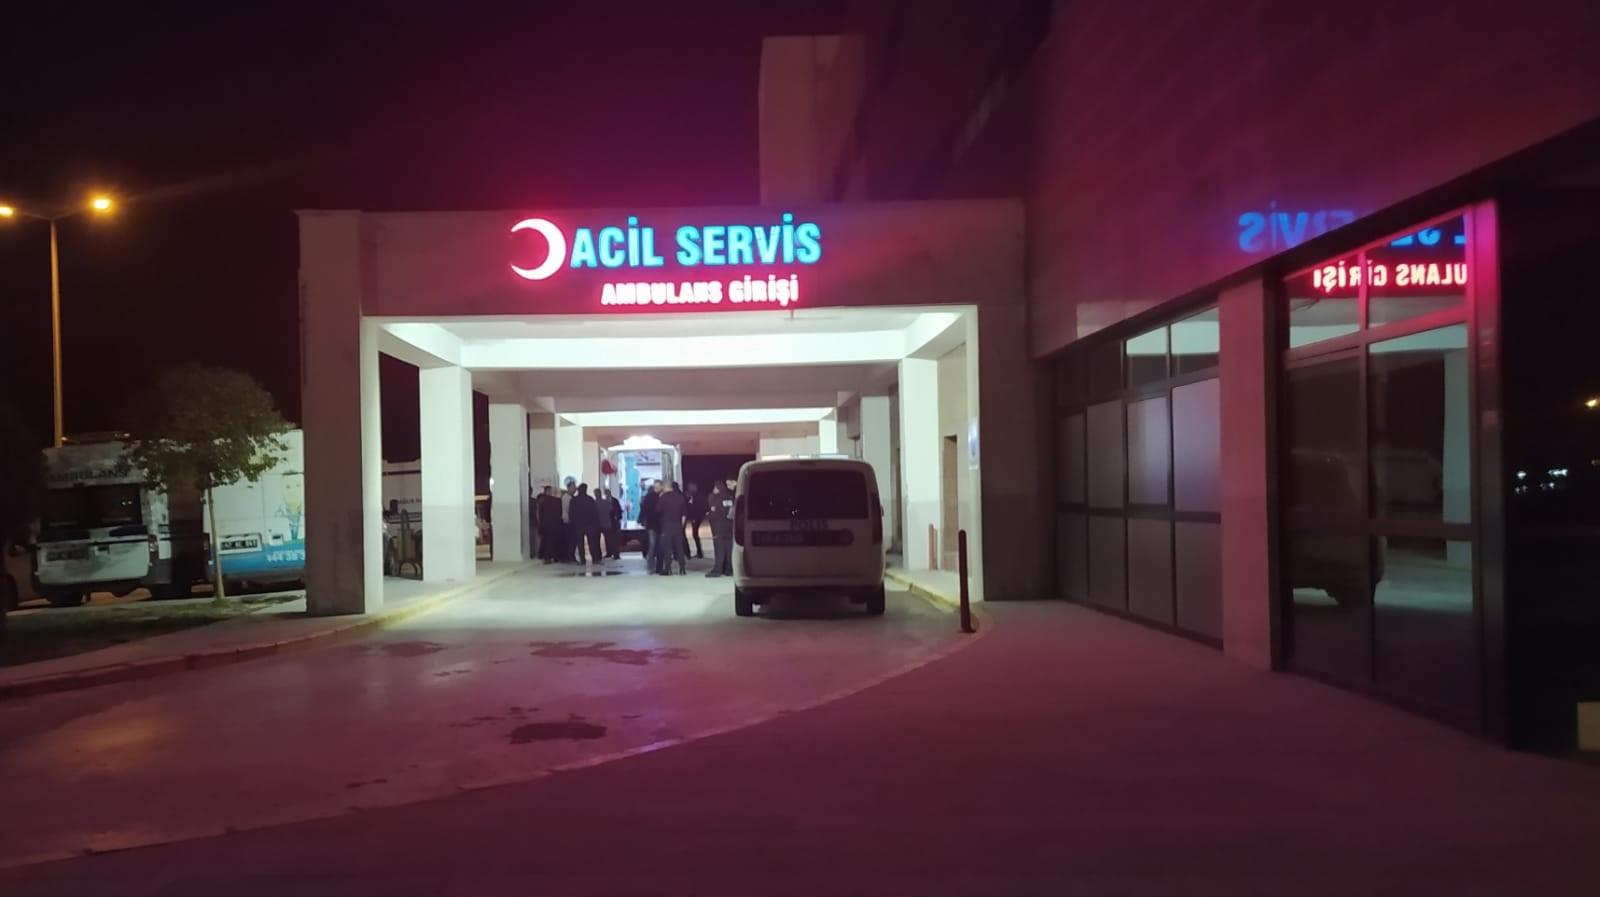 Mardin'de kömür sobası bomba gibi patladı: 3 yaralı